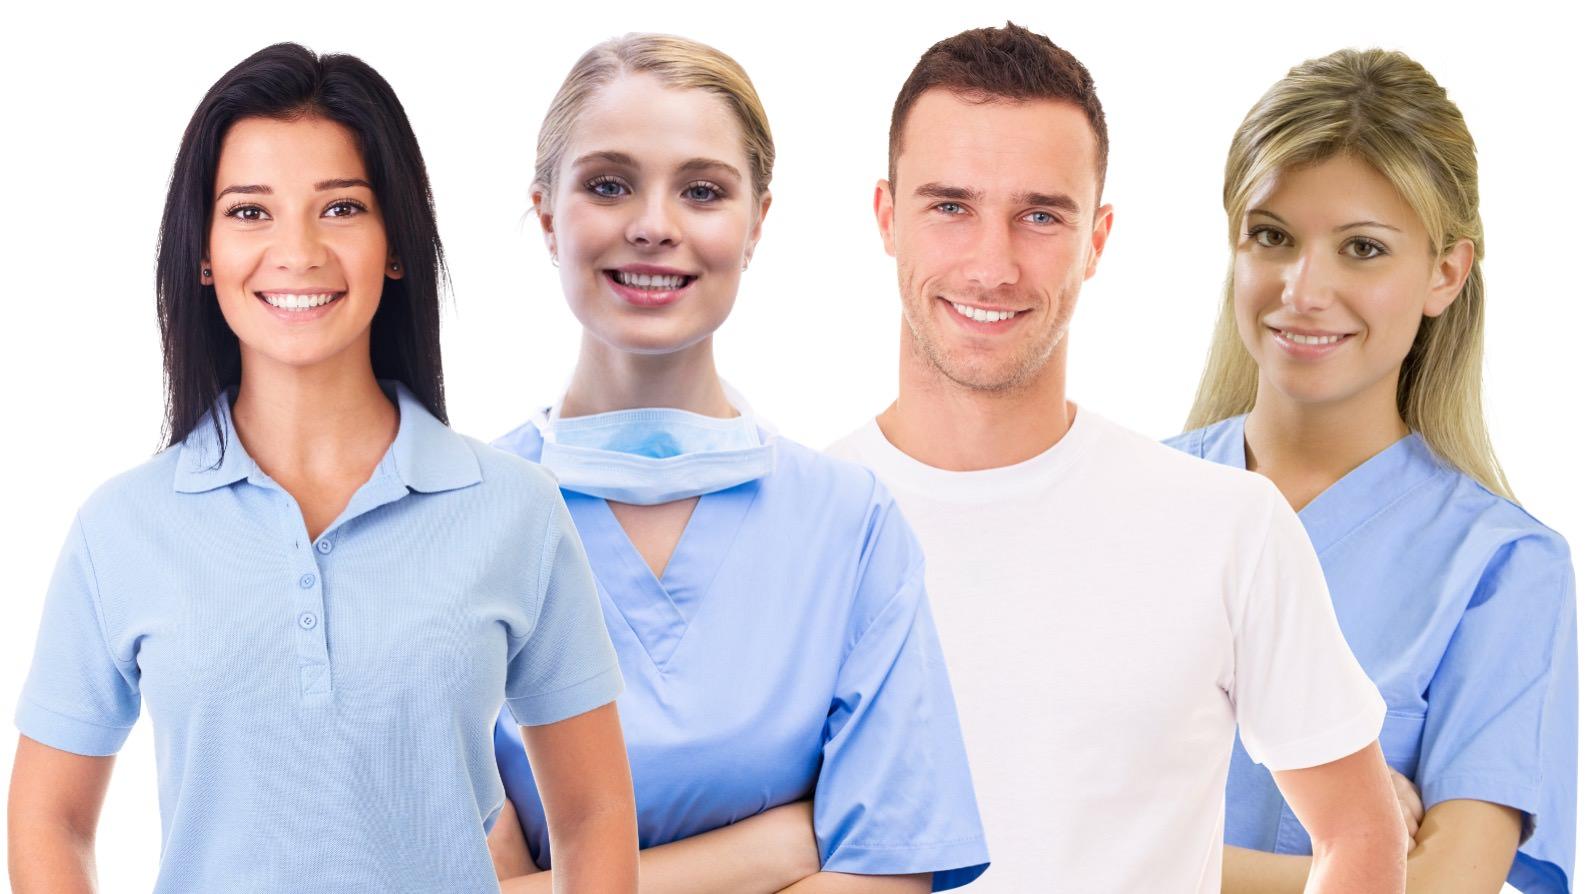 Wie Sie leichter Mitarbeiter für Ihre Zahnarztpraxis finden